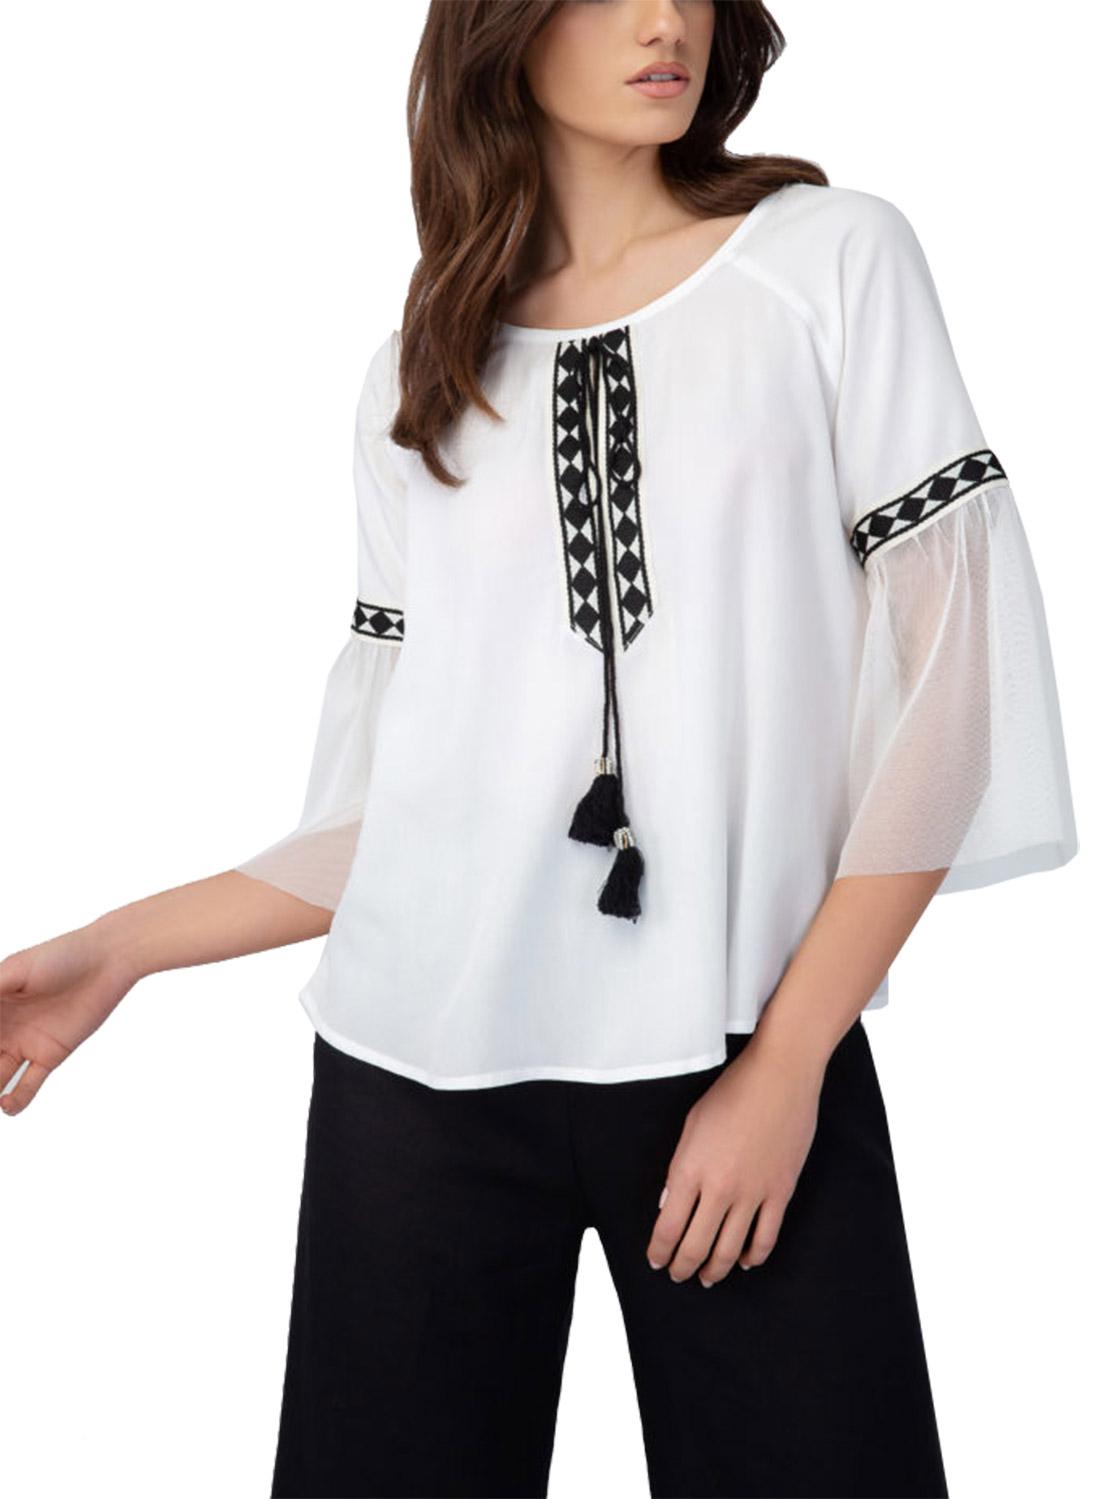 Λευκή μπλούζα με κέντημα